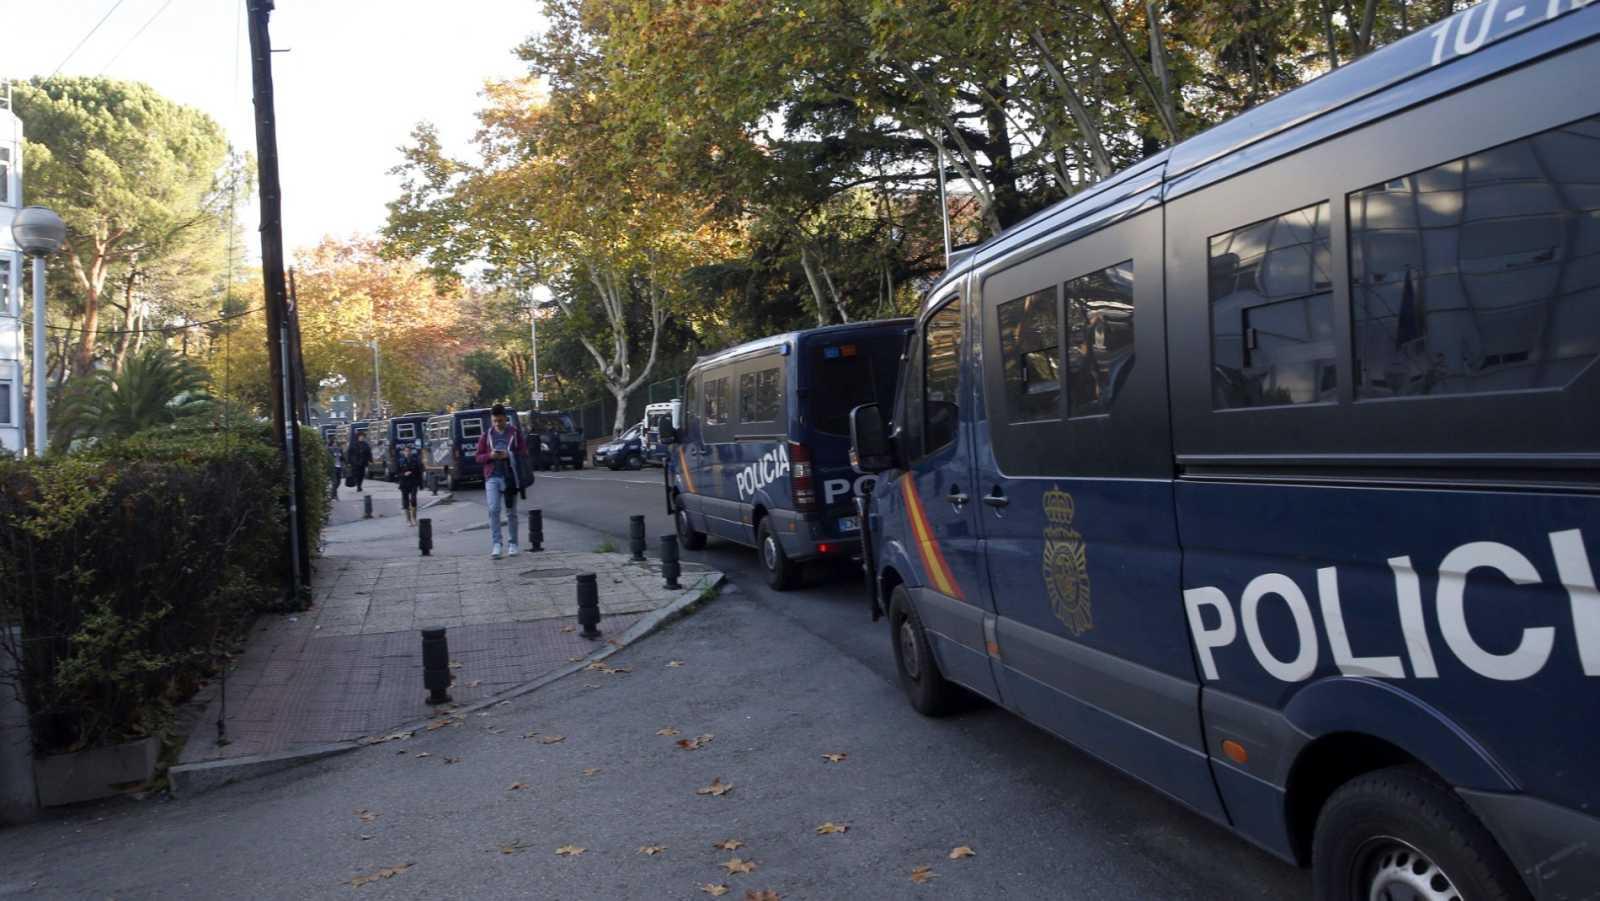 Interior aprueba una instrucción que permite los desalojos inmediatos de ocupaciones ilegales sin medidas judiciales